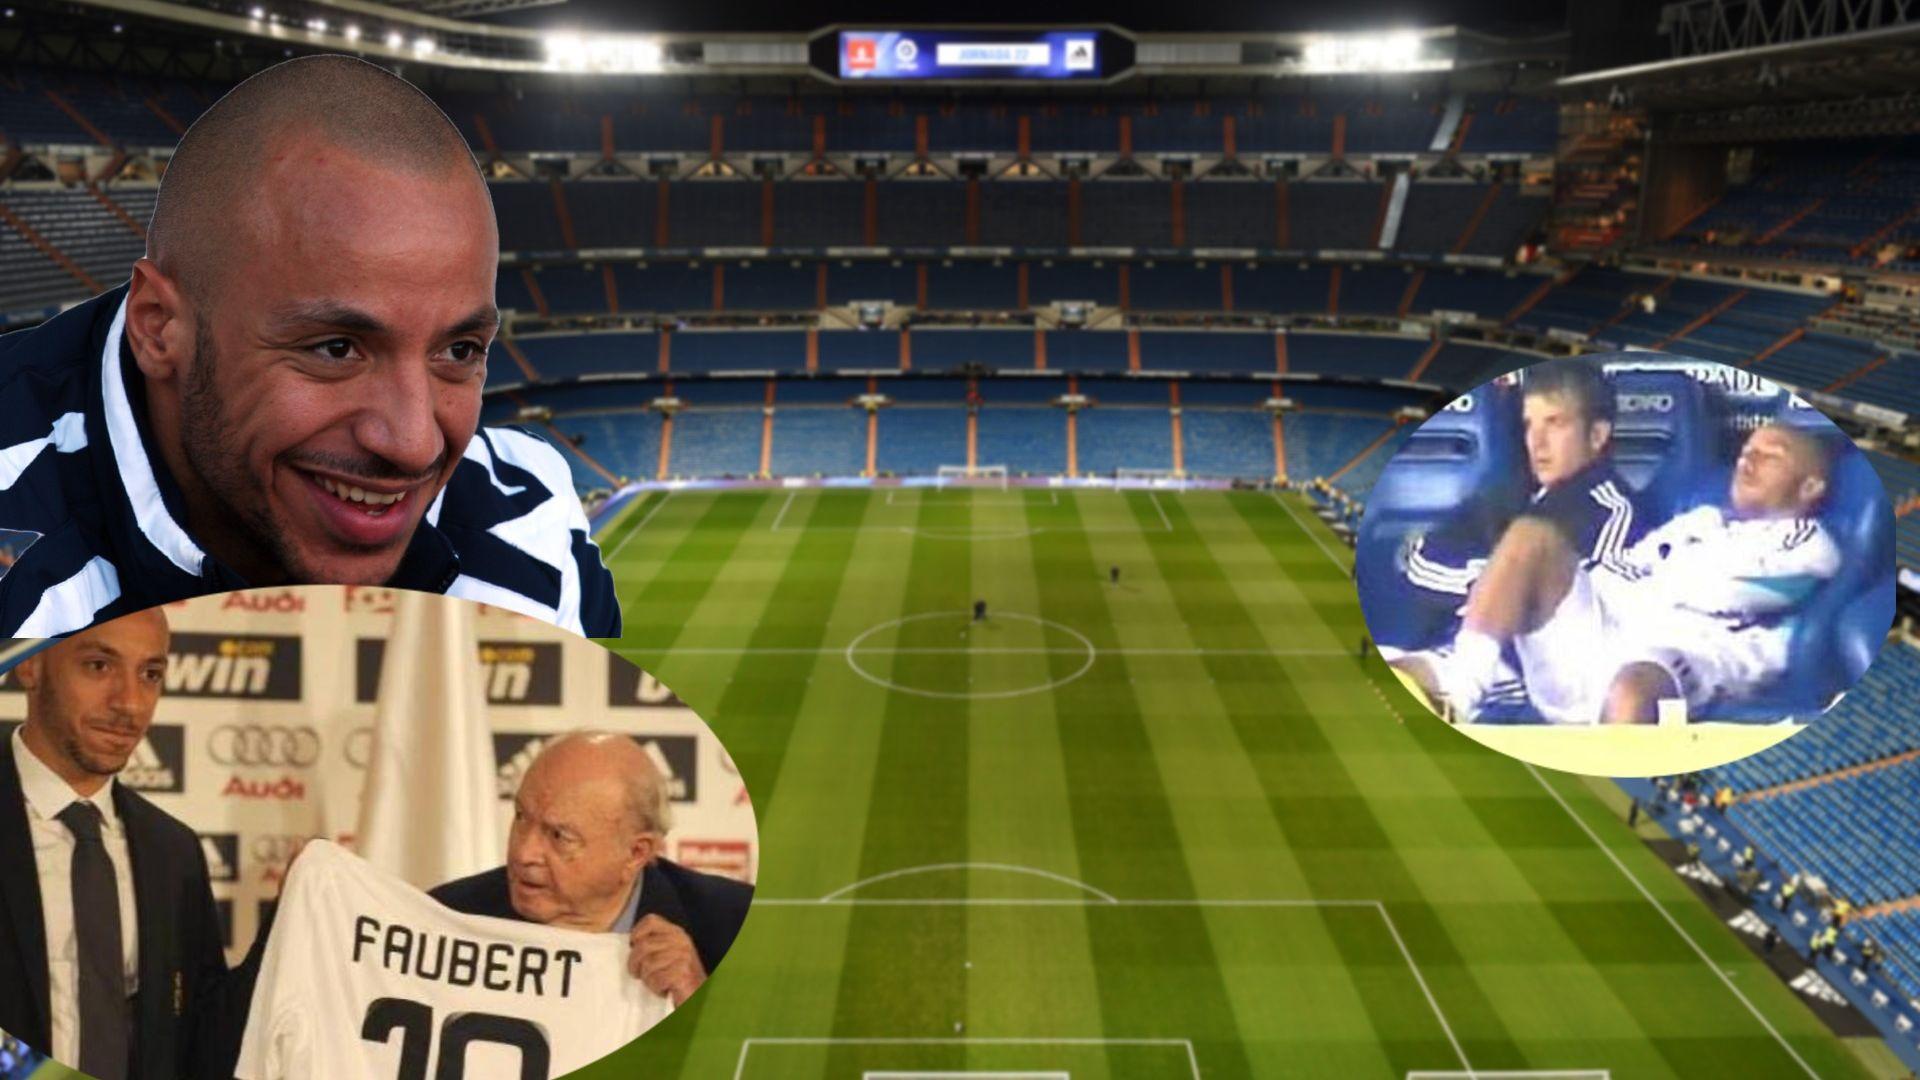 Митичният Жужу наследи номер 10 от Зидан и заспа от скука на скамейката на Реал